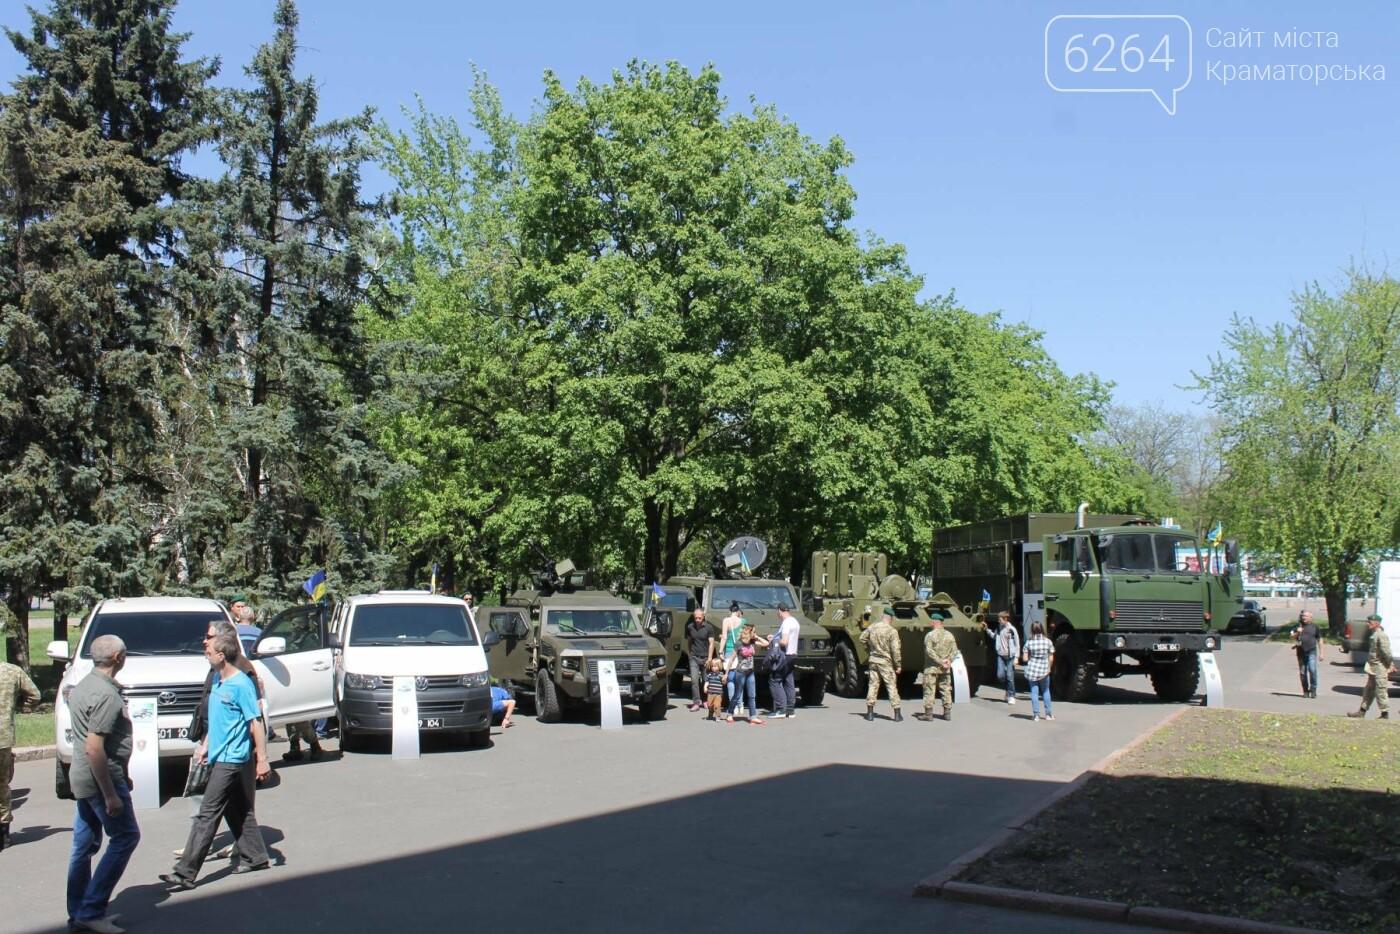 В Краматорске пограничники демонстрируют горожанам вооружение и военную технику , фото-1